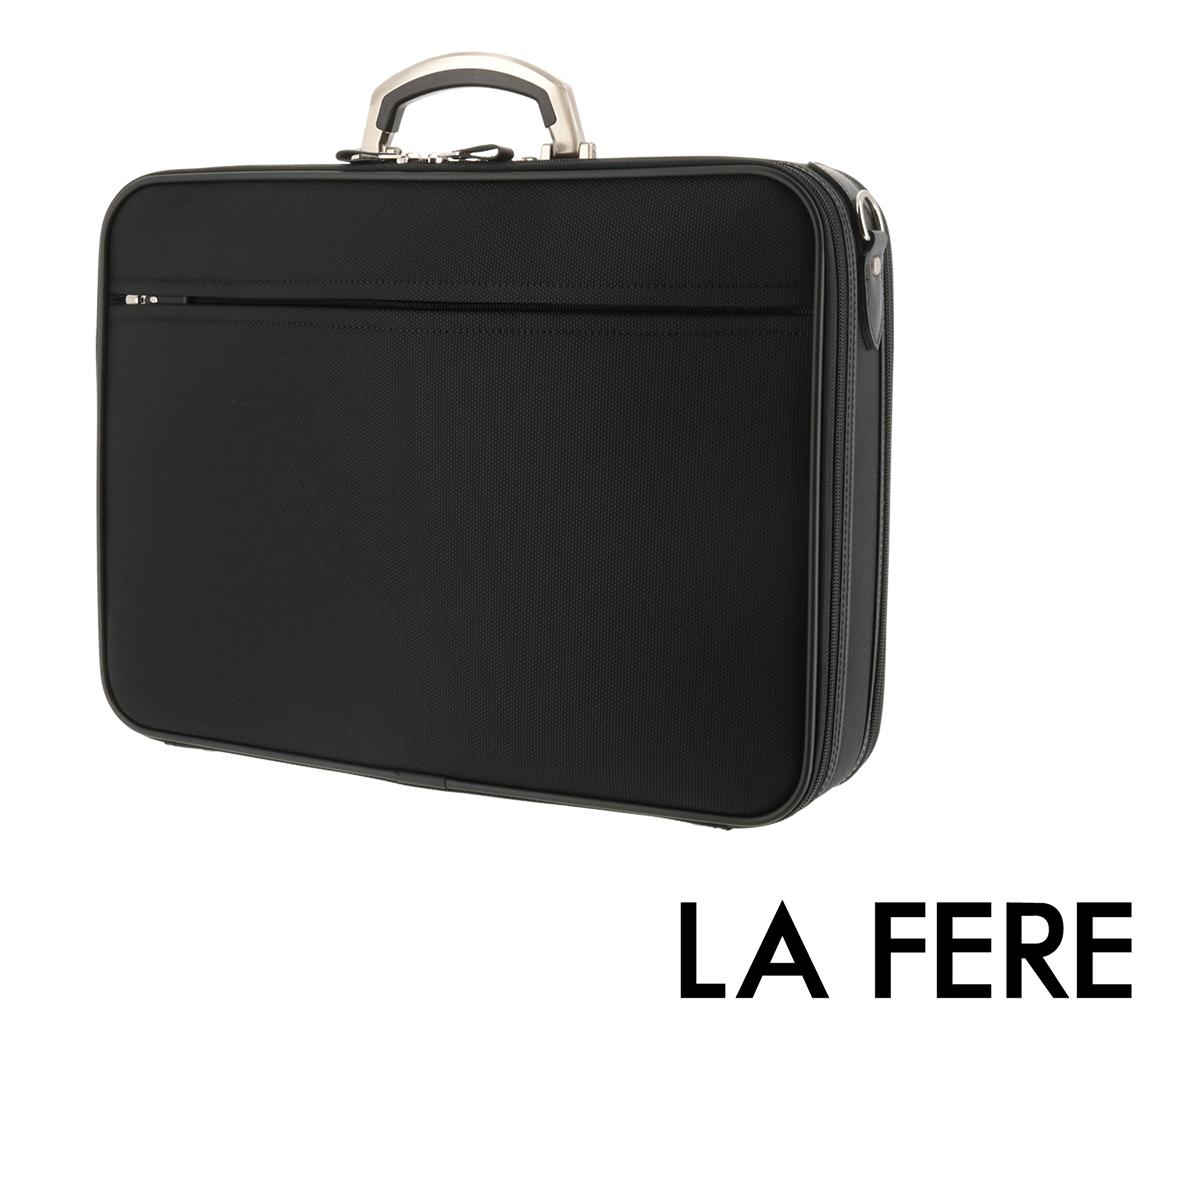 青木鞄 ラフェール ブリーフケース オプス 6772   LA FERE ビジネスバッグ ソフトアタッシュケース メンズ 日本製 ナイロン【PO10】